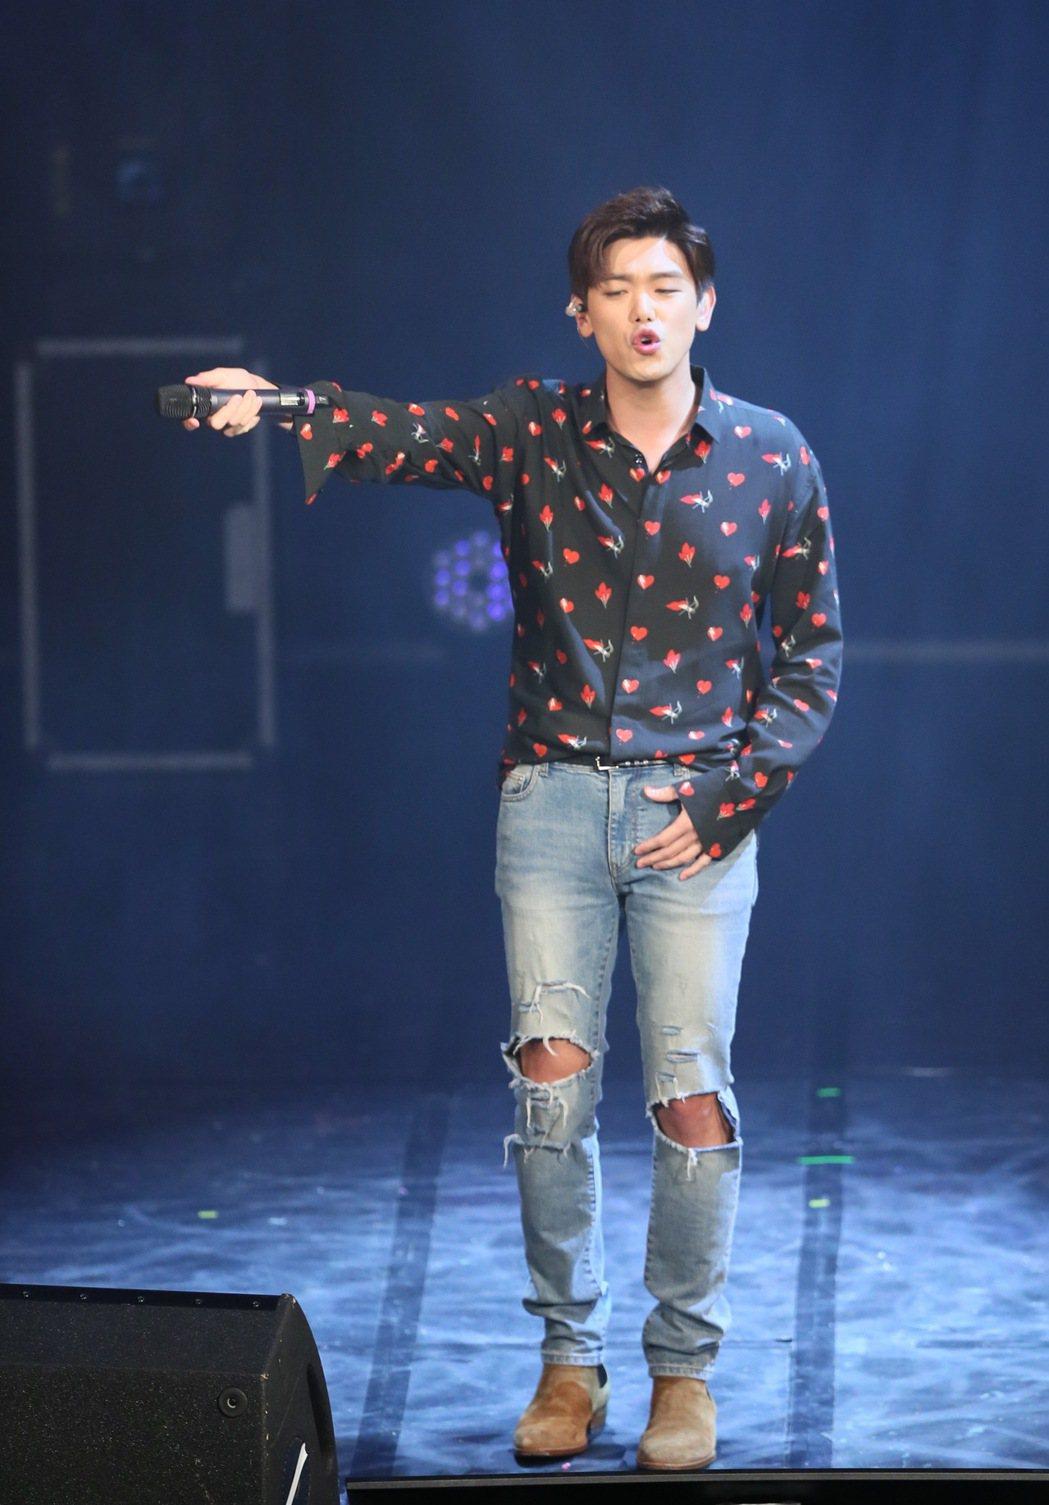 韓國藝人Eric Nam(南允道)在台北舉行小型演唱會,一連以英、韓文演唱17首...